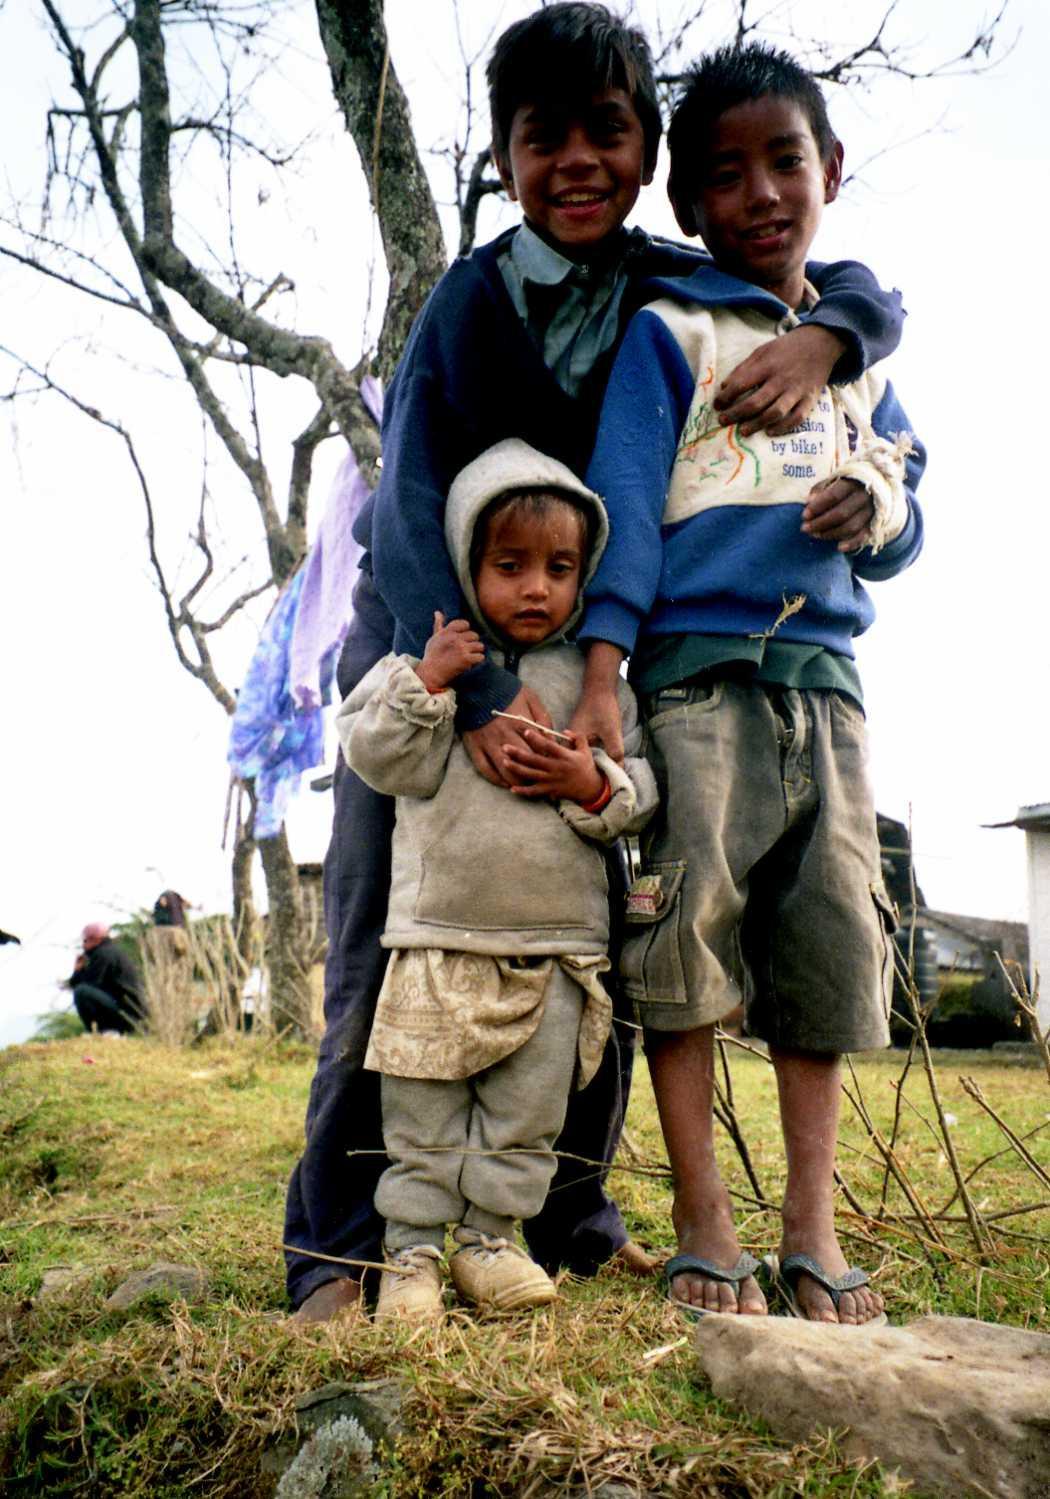 Children in Nepal, ネパールの子ども達